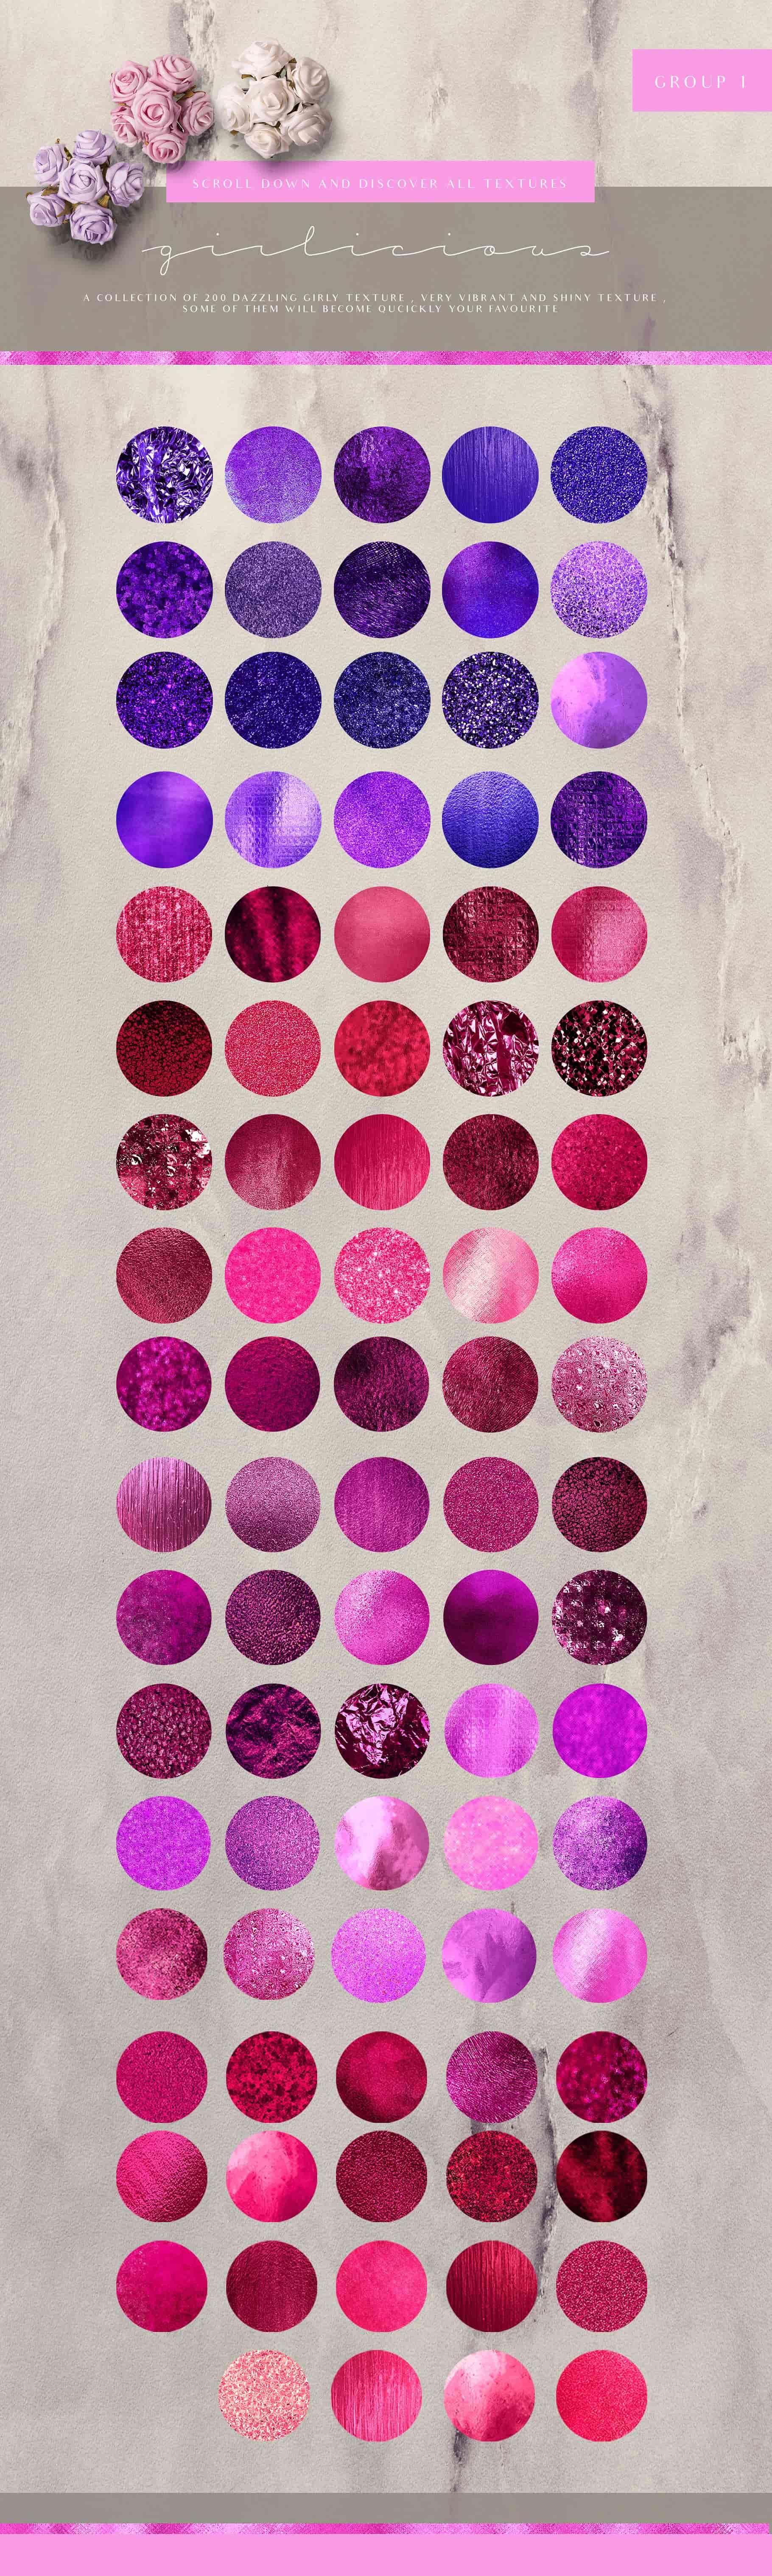 Girlicious Textures Bundle